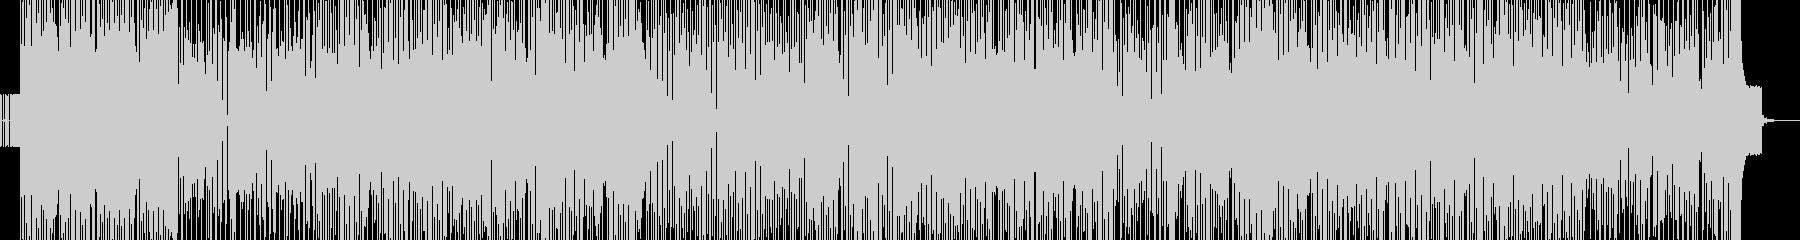 和楽器が奏でる軽快な【和風】EDM の未再生の波形